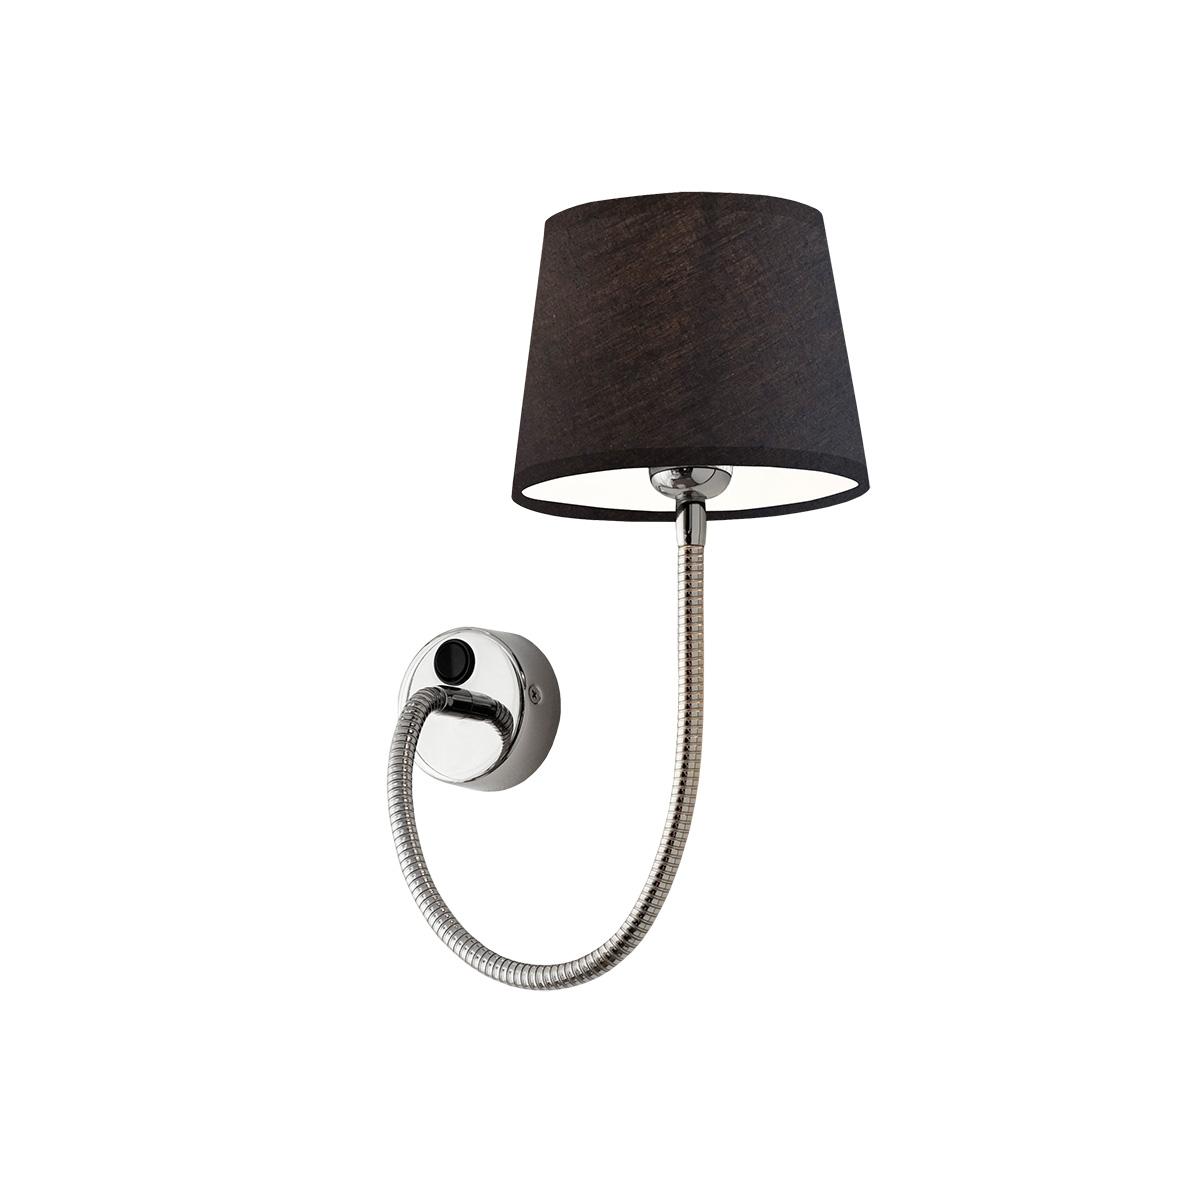 Απλίκα με ενσωματωμένο διακόπτη και καπέλο FLEX wall lamp with attached switch and shade